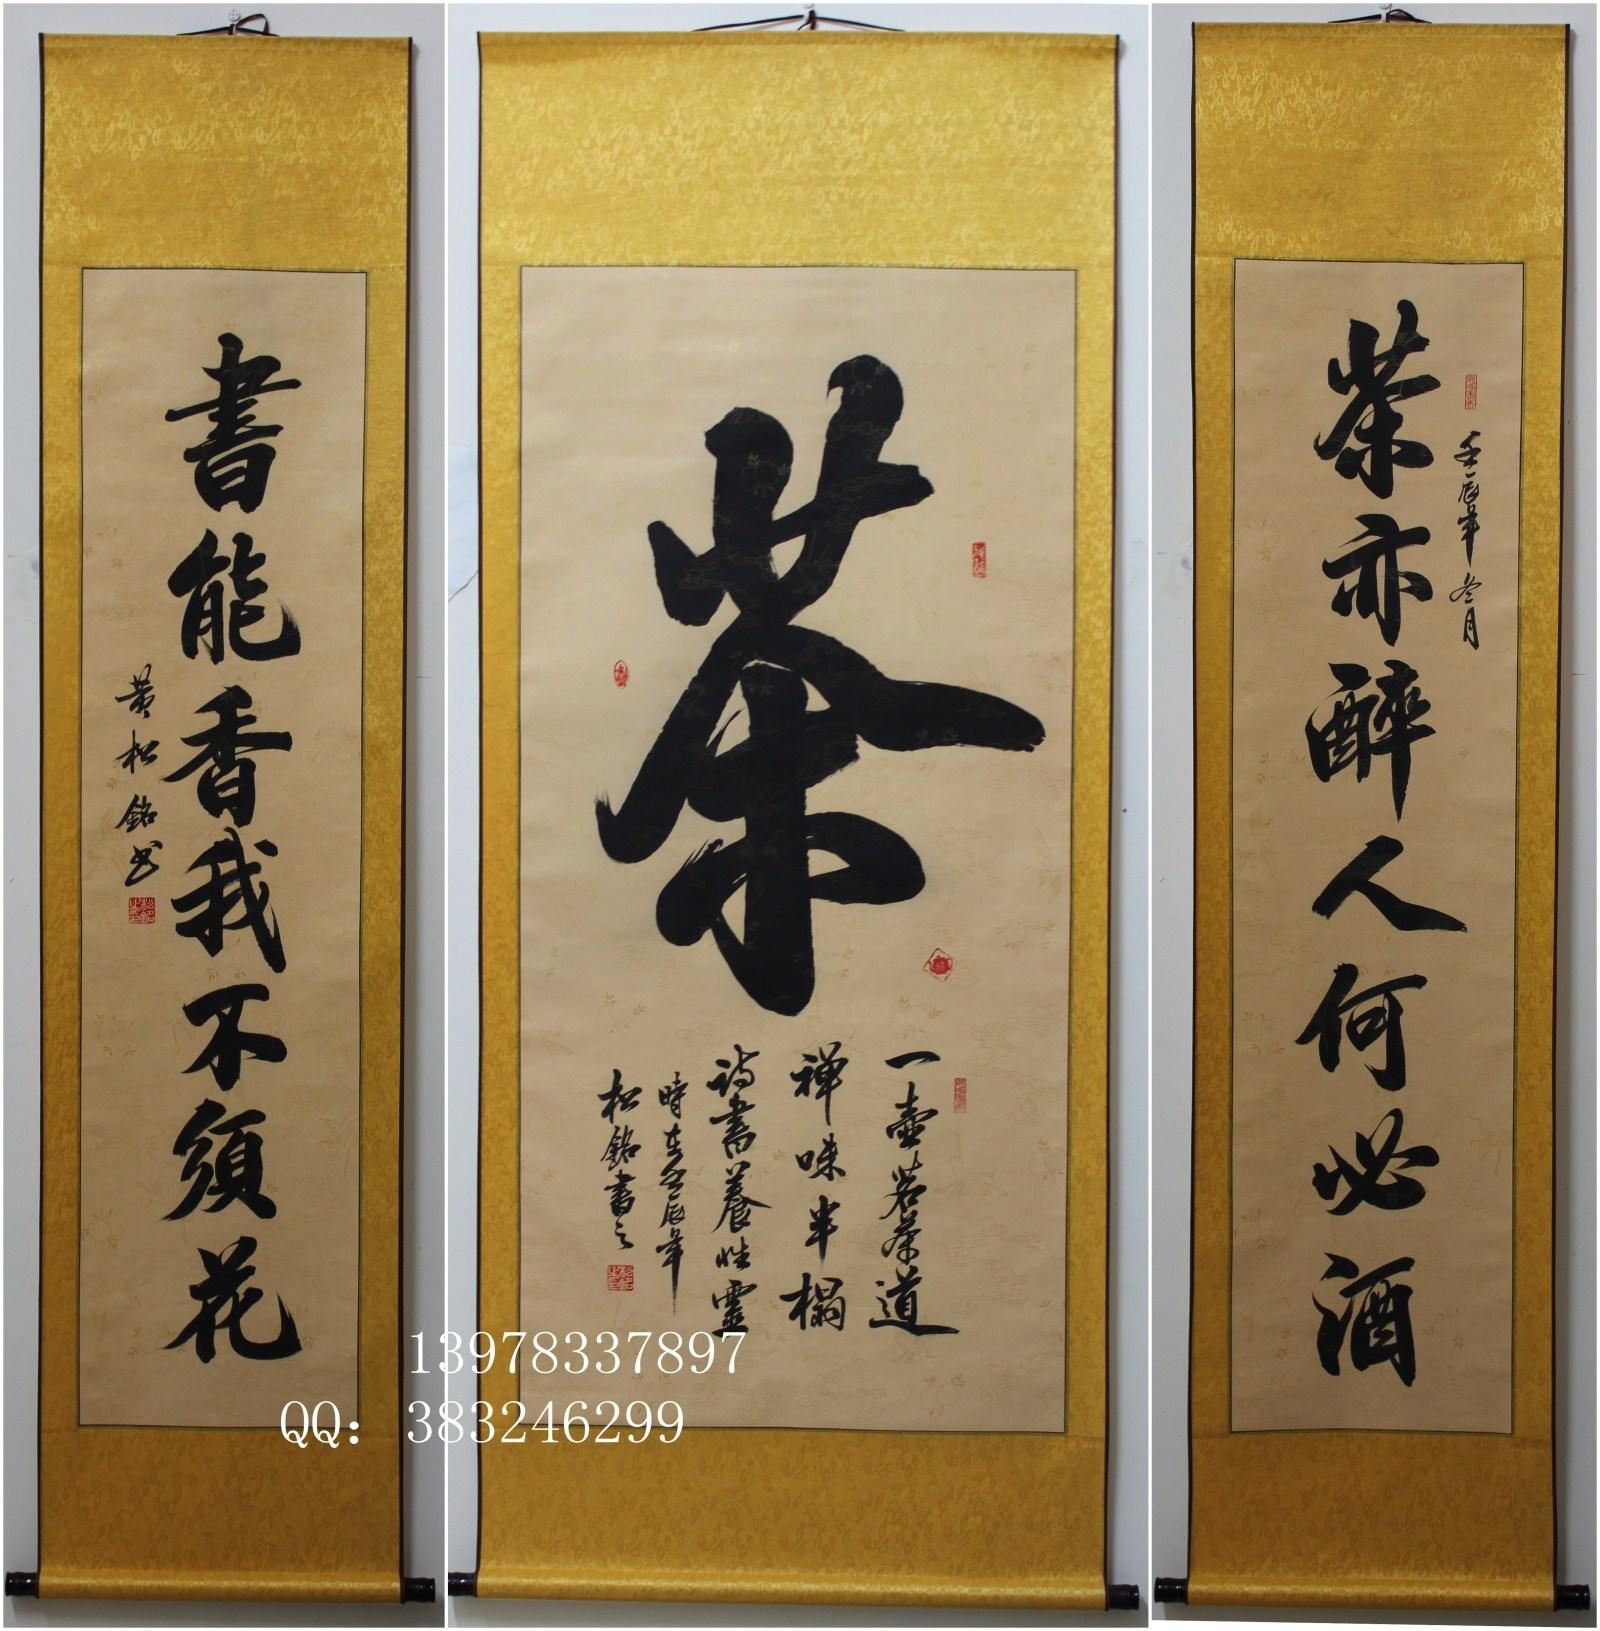 四尺中堂书法黄松铭手写真迹保真 茶中堂对联 已装裱商品图片价格图片